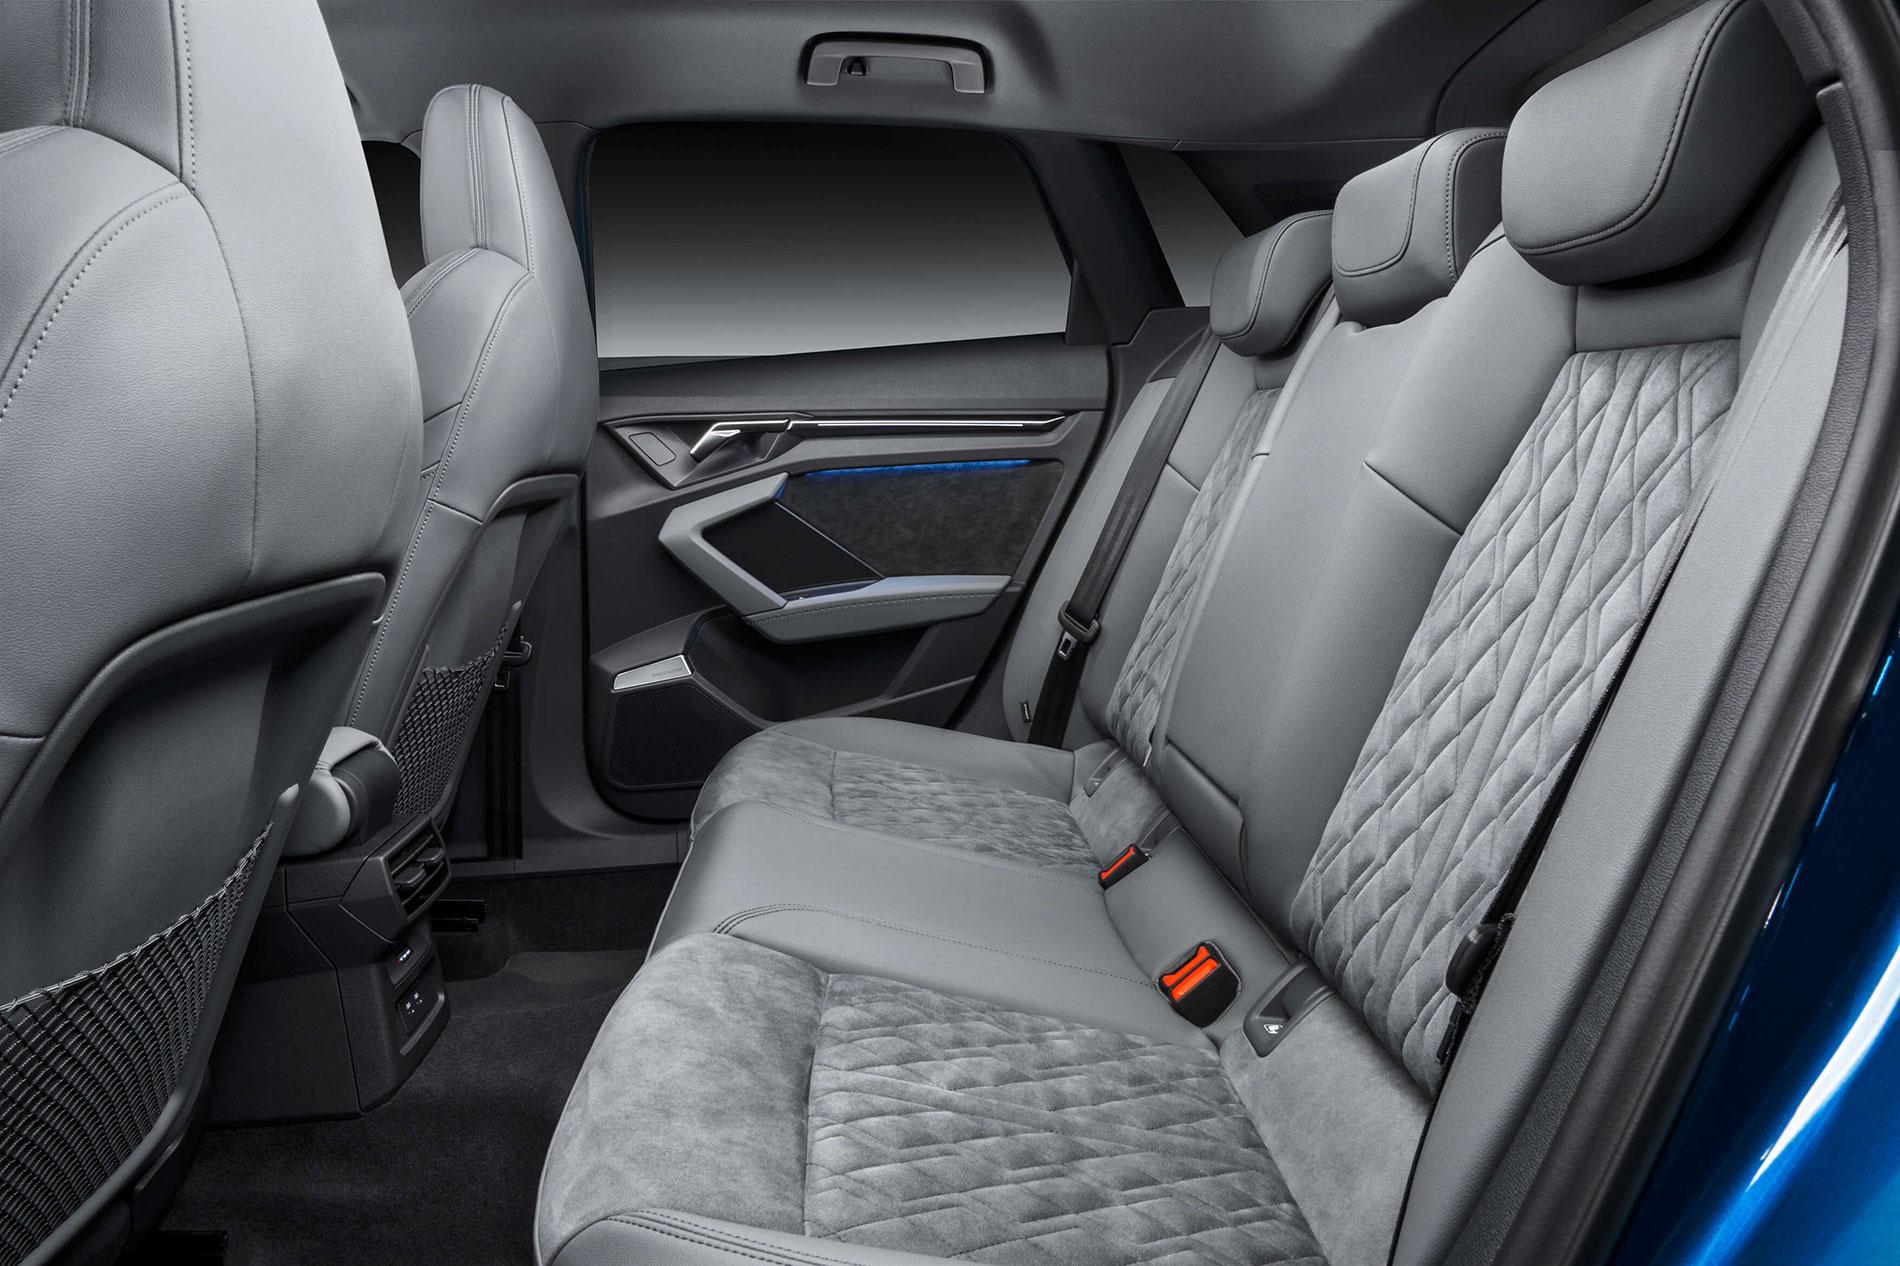 Νέο AUDI A3 Sportback - Βελτιστοποιημένοι χώροι